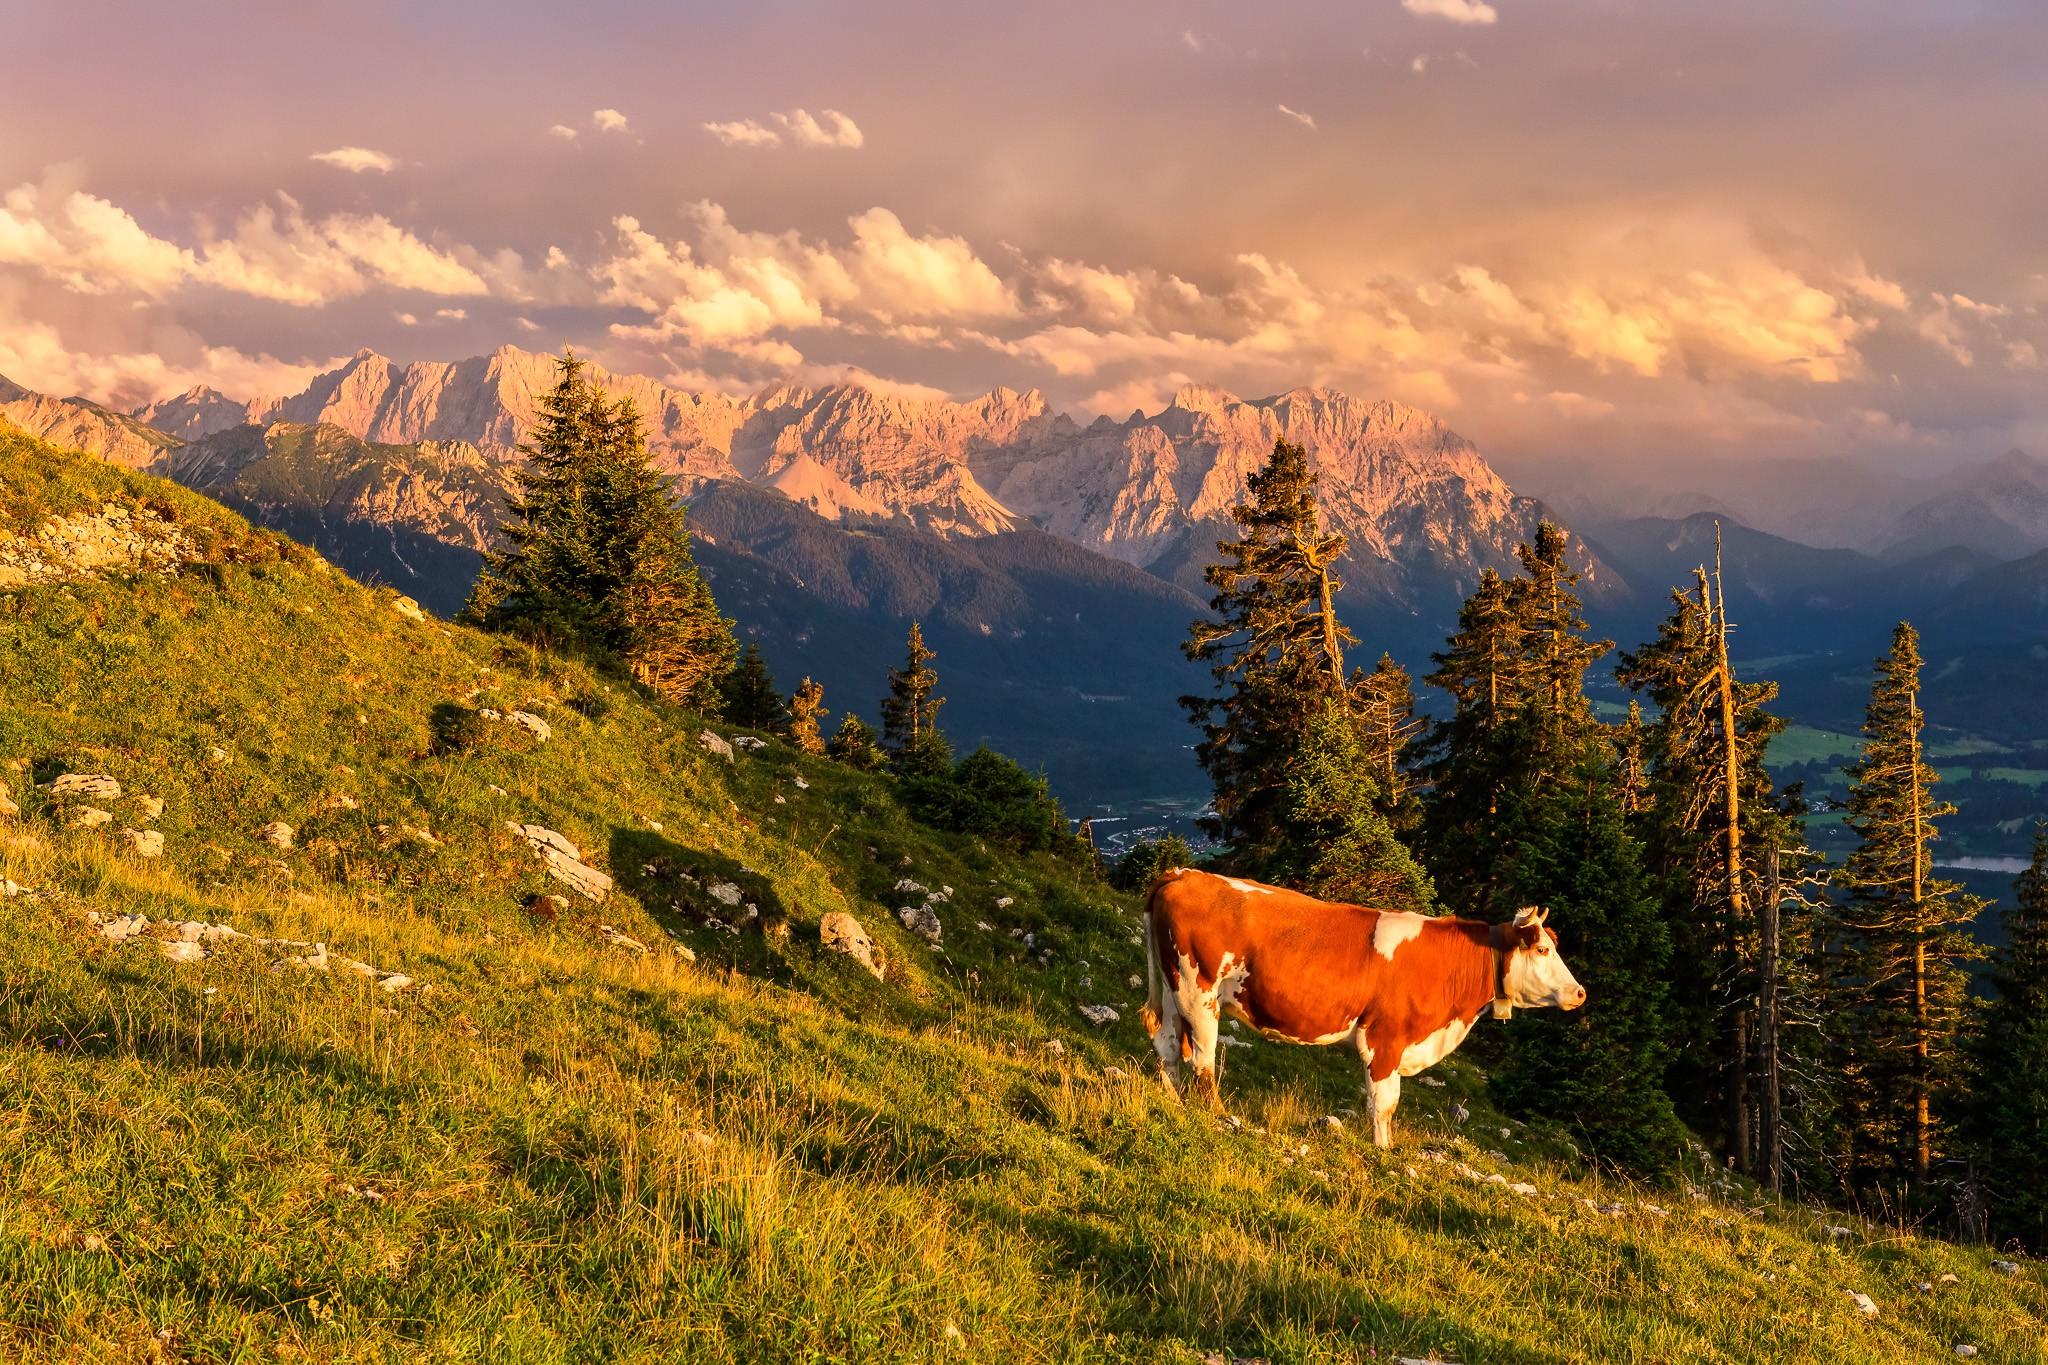 Die Sonnenanbeterin - Kuh am Abend bei Abendsonne